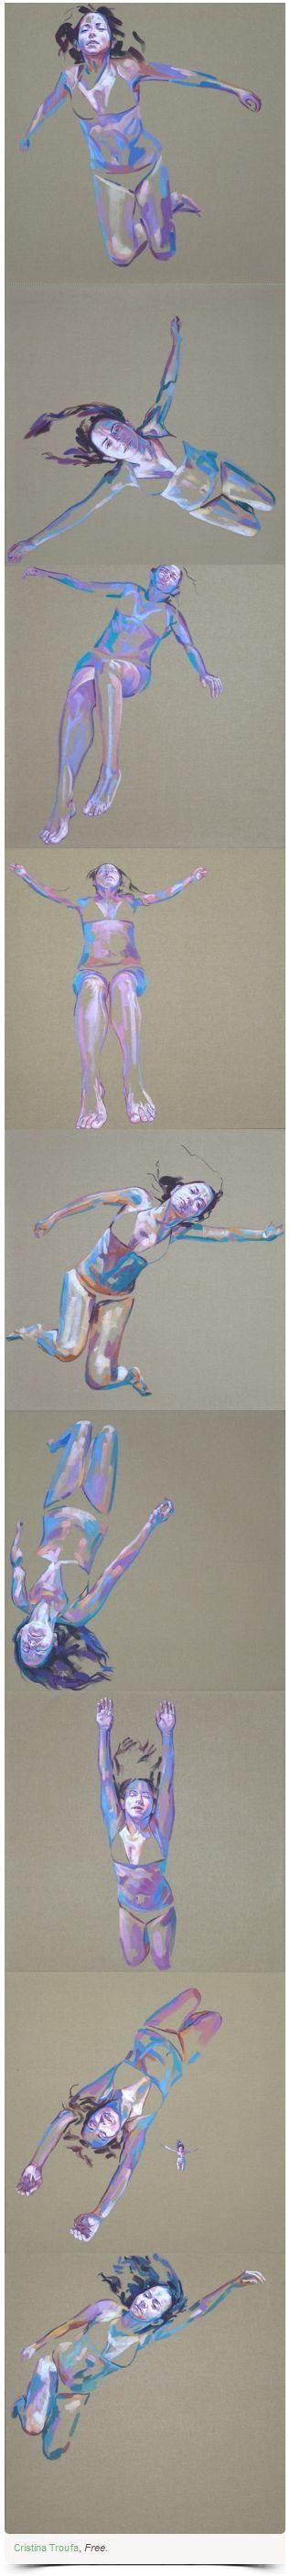 Cristina Troufa, Free.